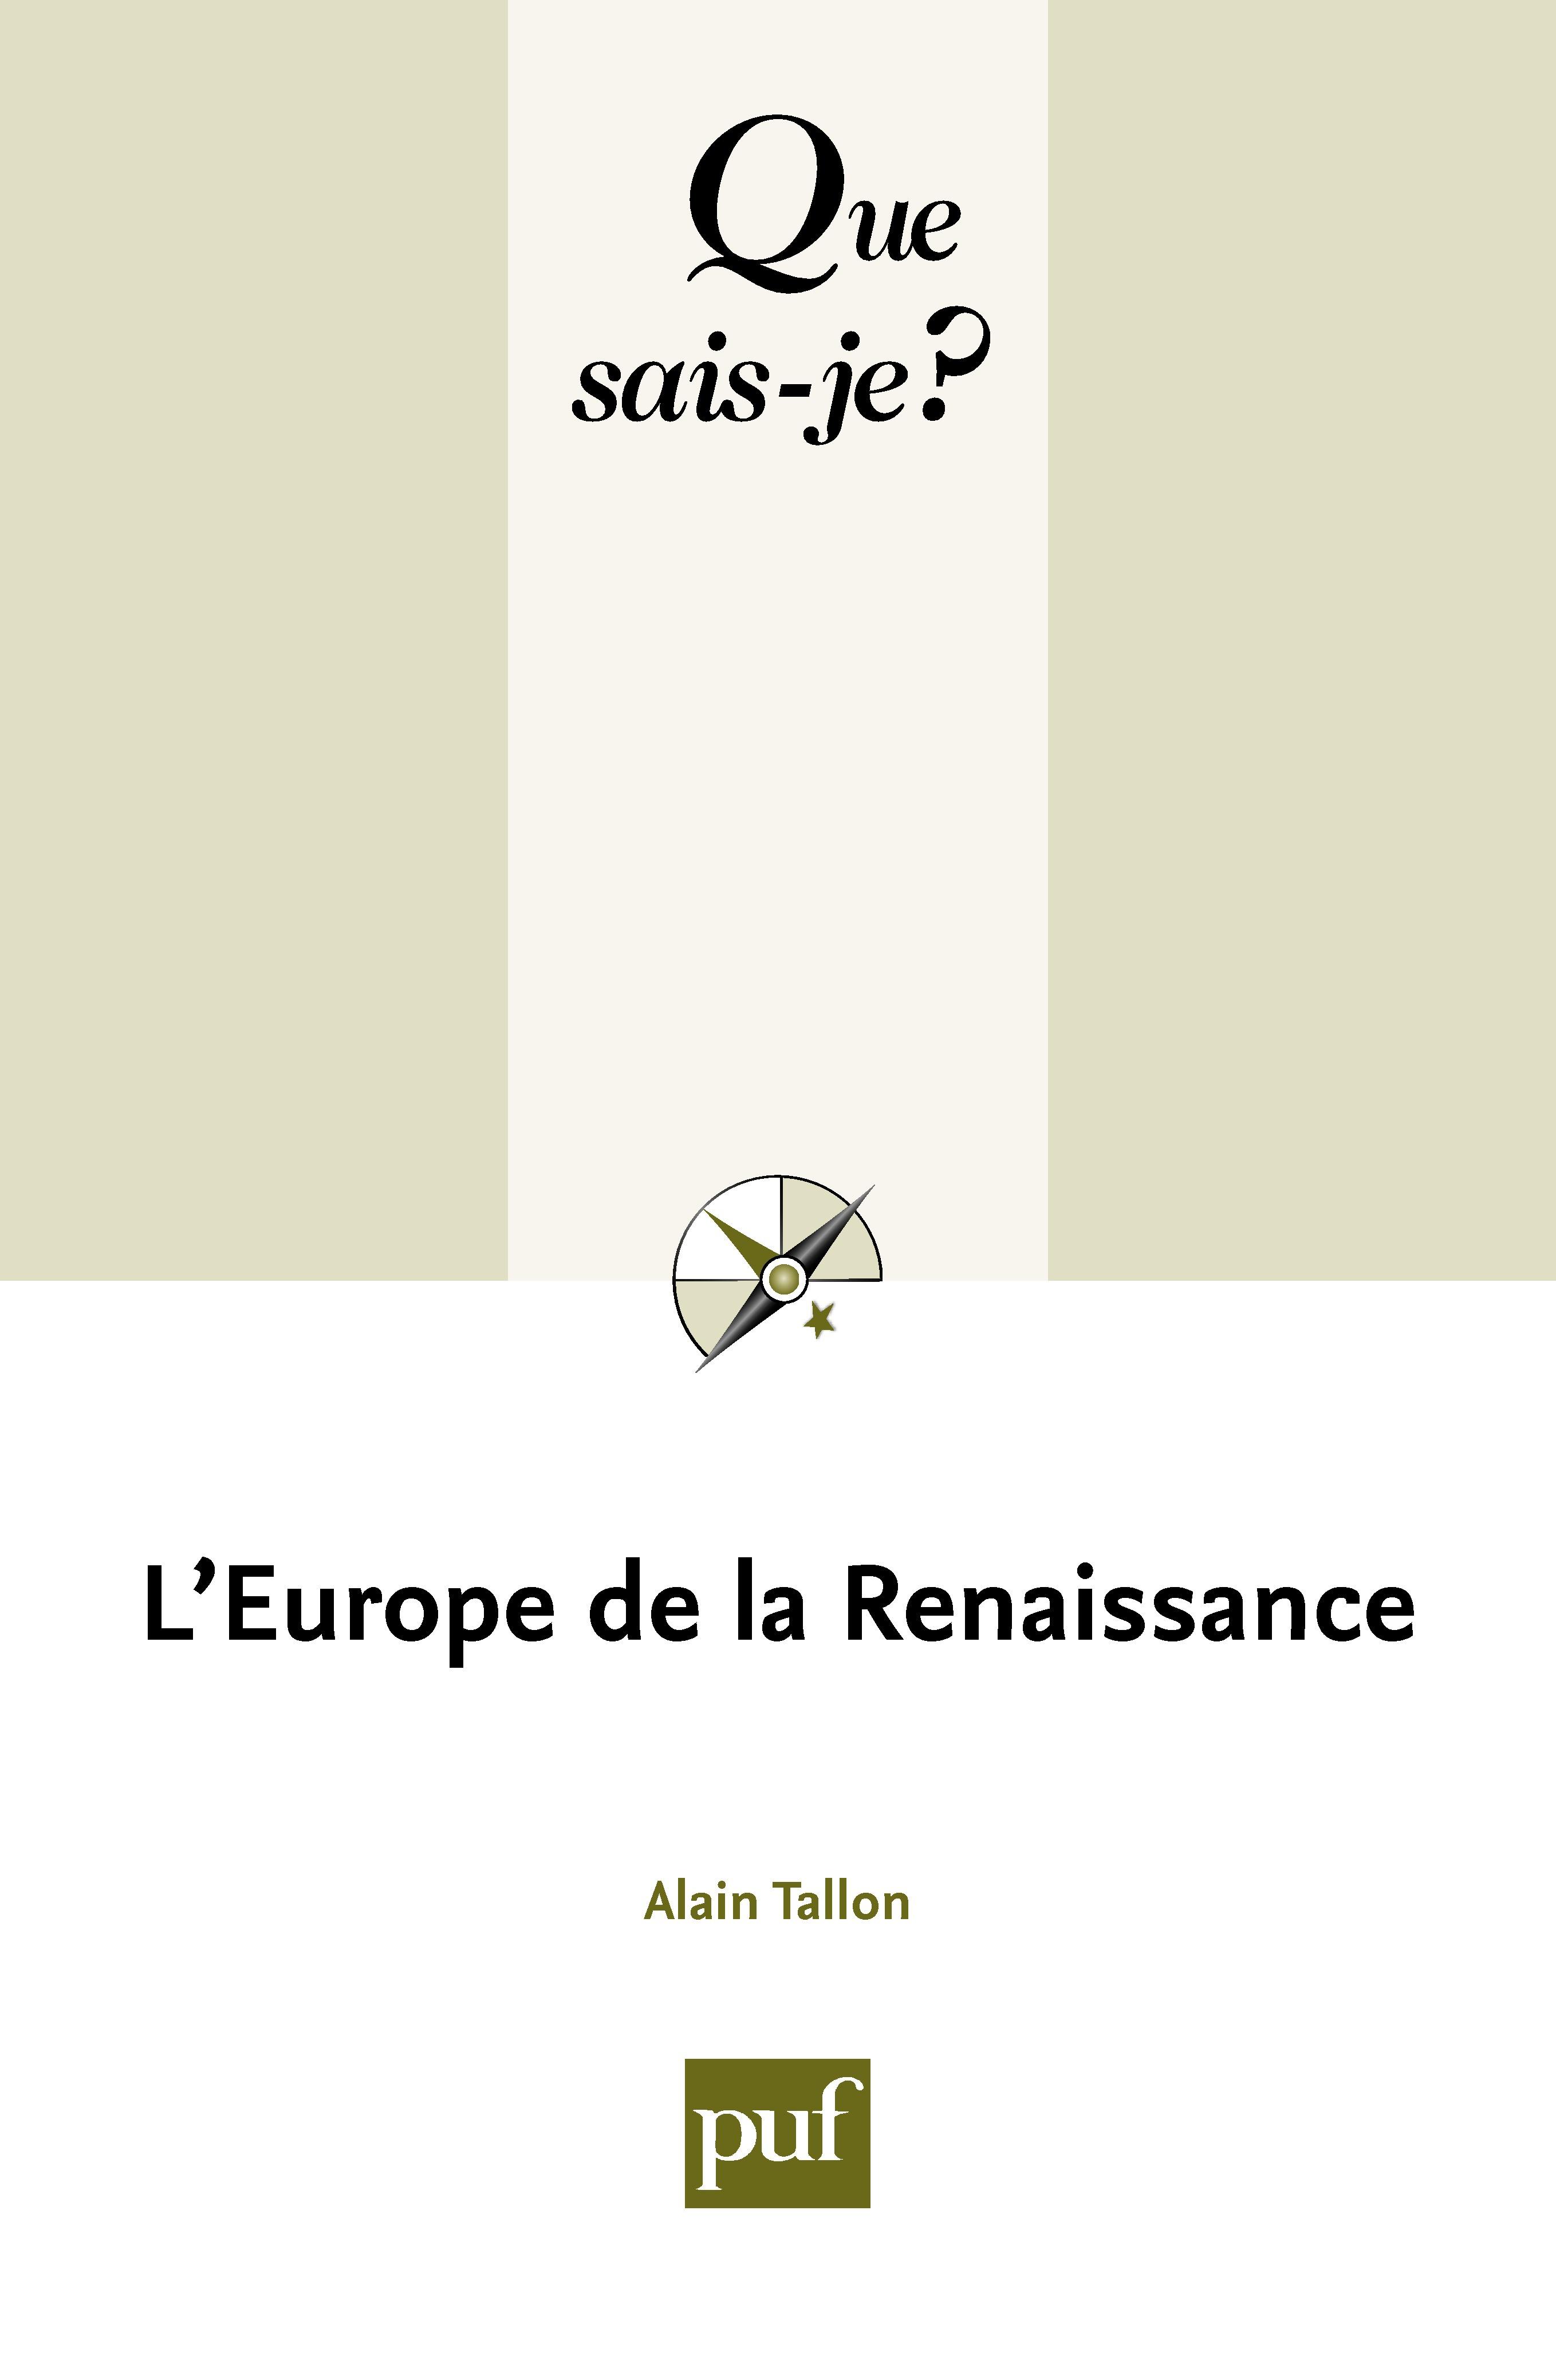 Alain Tallon L'Europe de la Renaissance